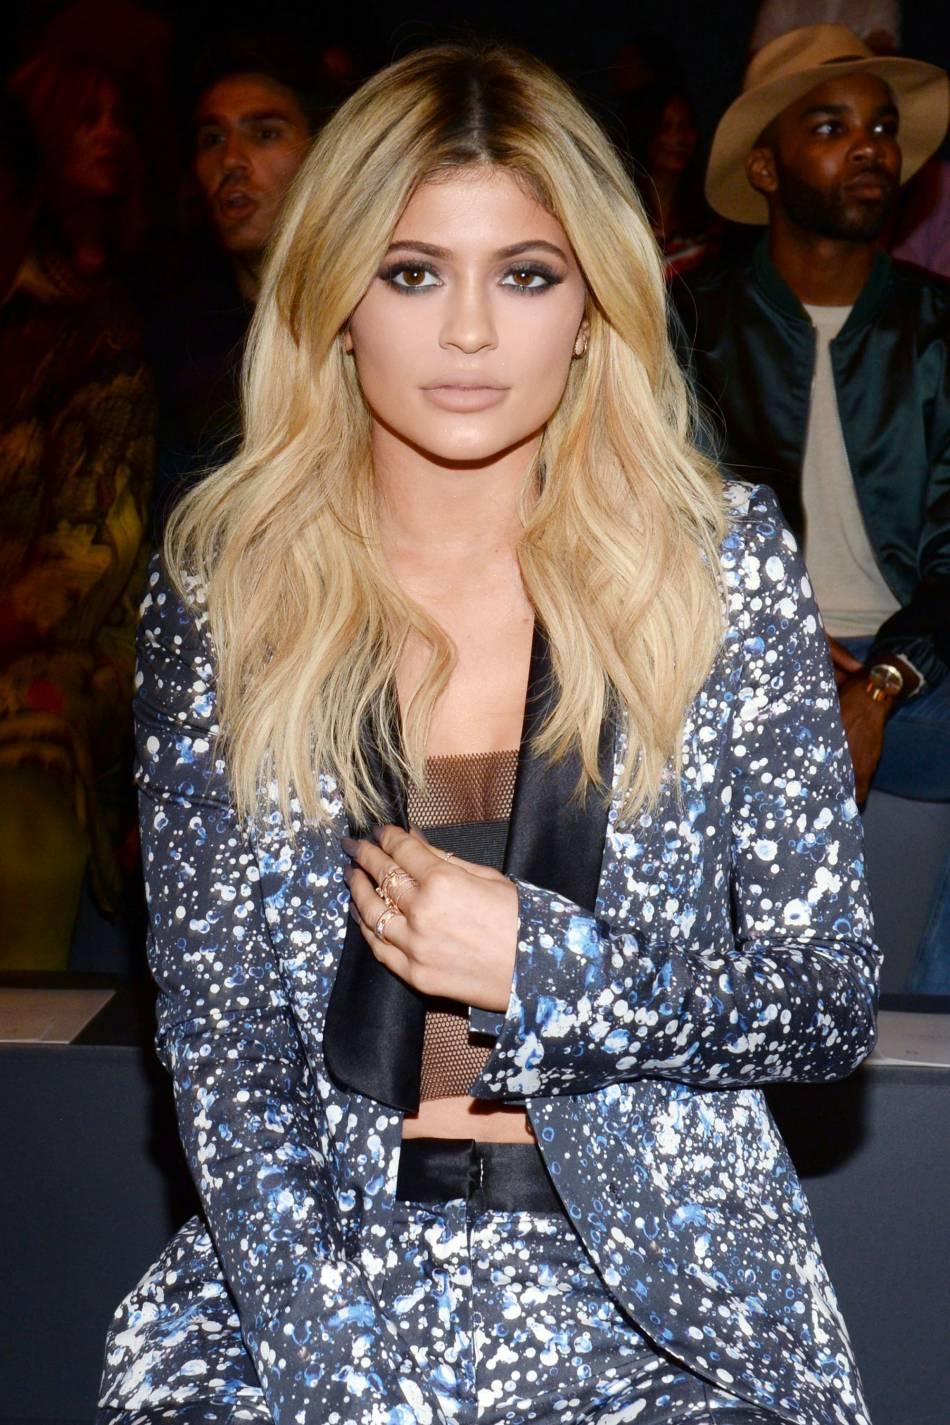 Kylie Jenner torride, elle fait encore des siennes sur les réseaux sociaux.